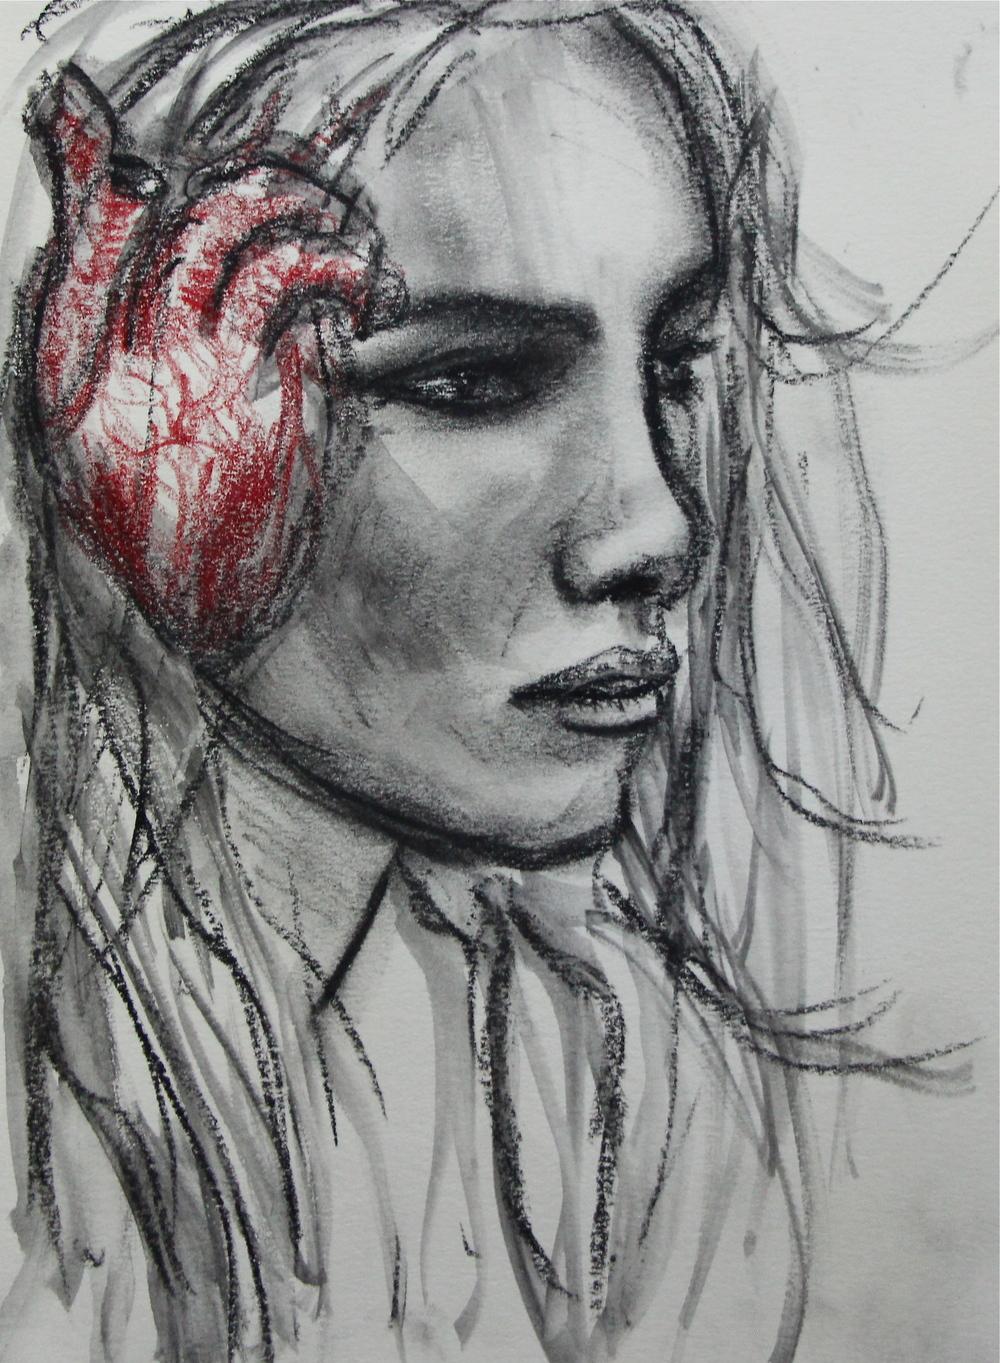 heart-headed